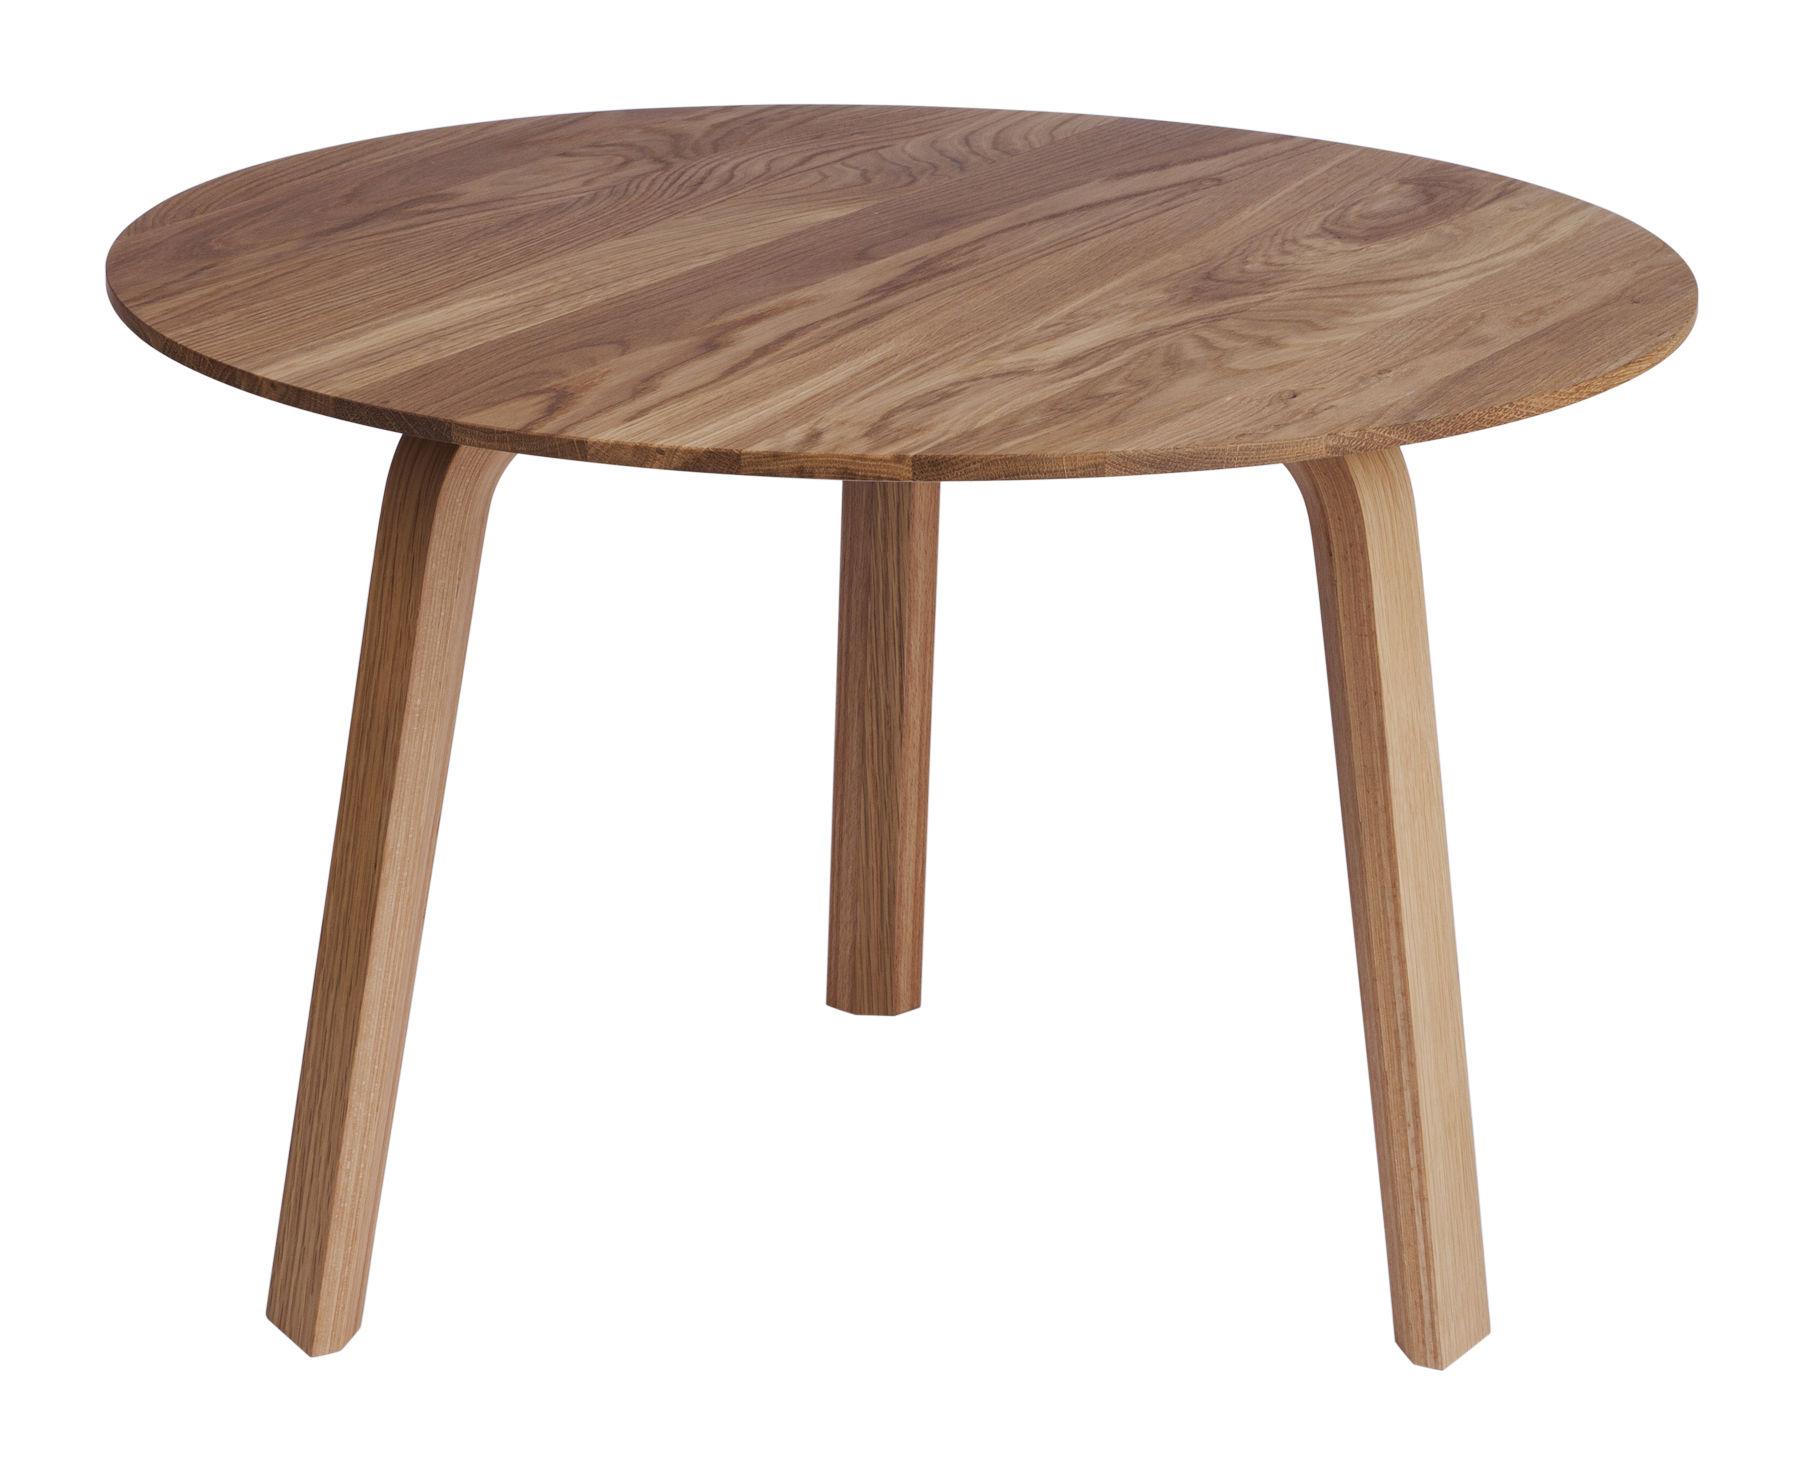 Mobilier - Tables basses - Table basse Bella / Ø 60 x H 39 cm - Hay - Chêne huilé - Chêne massif huilé